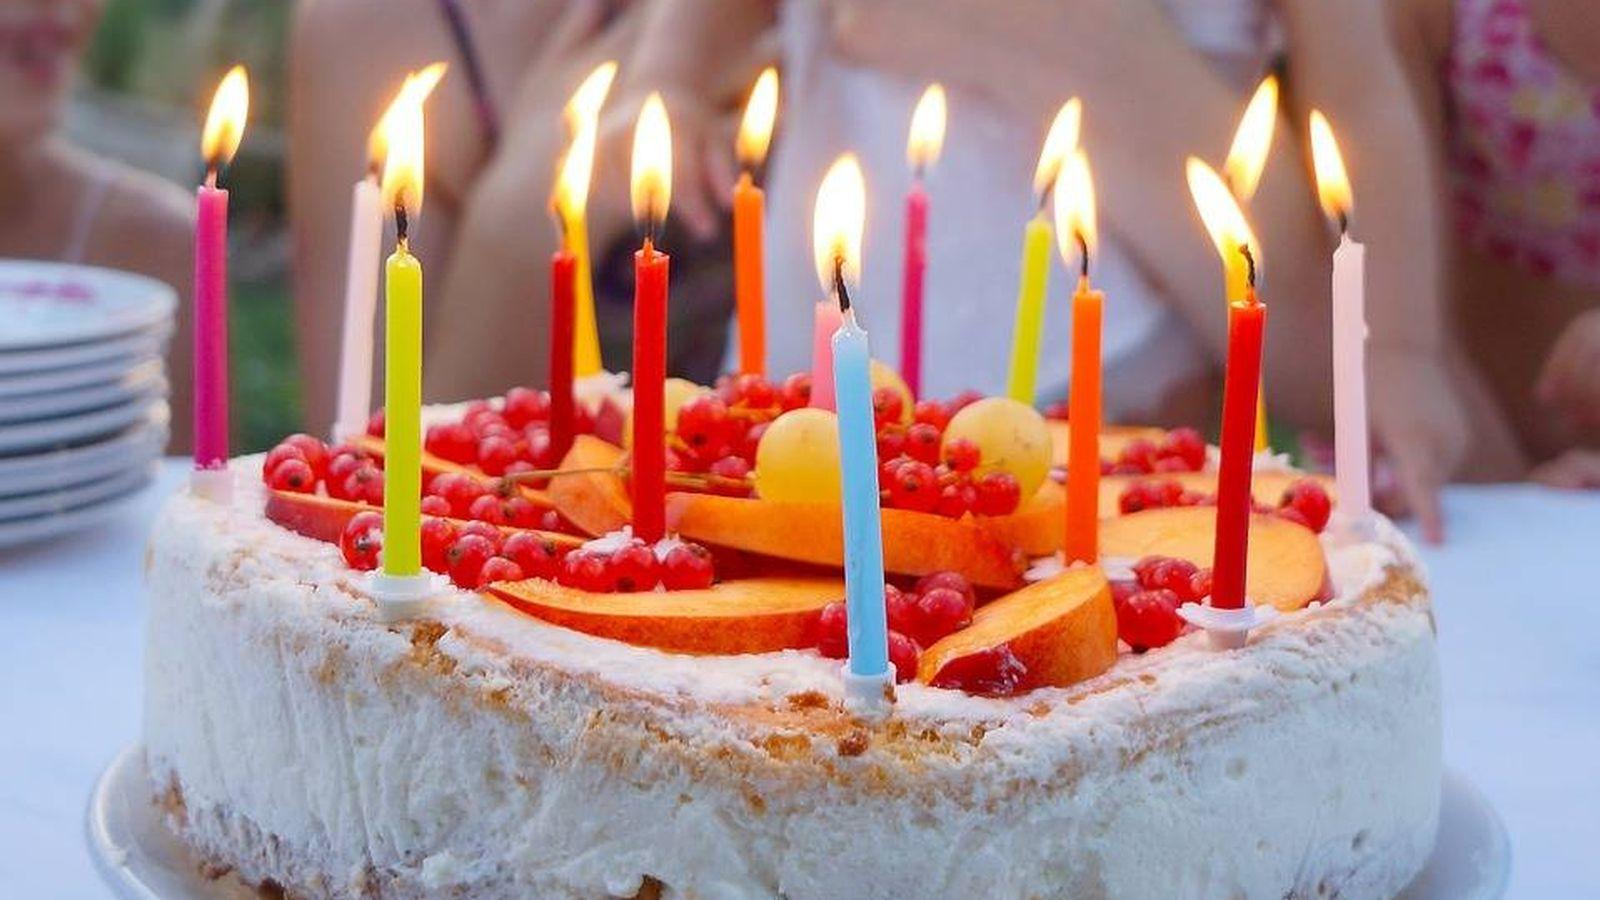 85 Frases Para Felicitar El Cumpleaños Felicitaciones Originales Divertidas Y Más